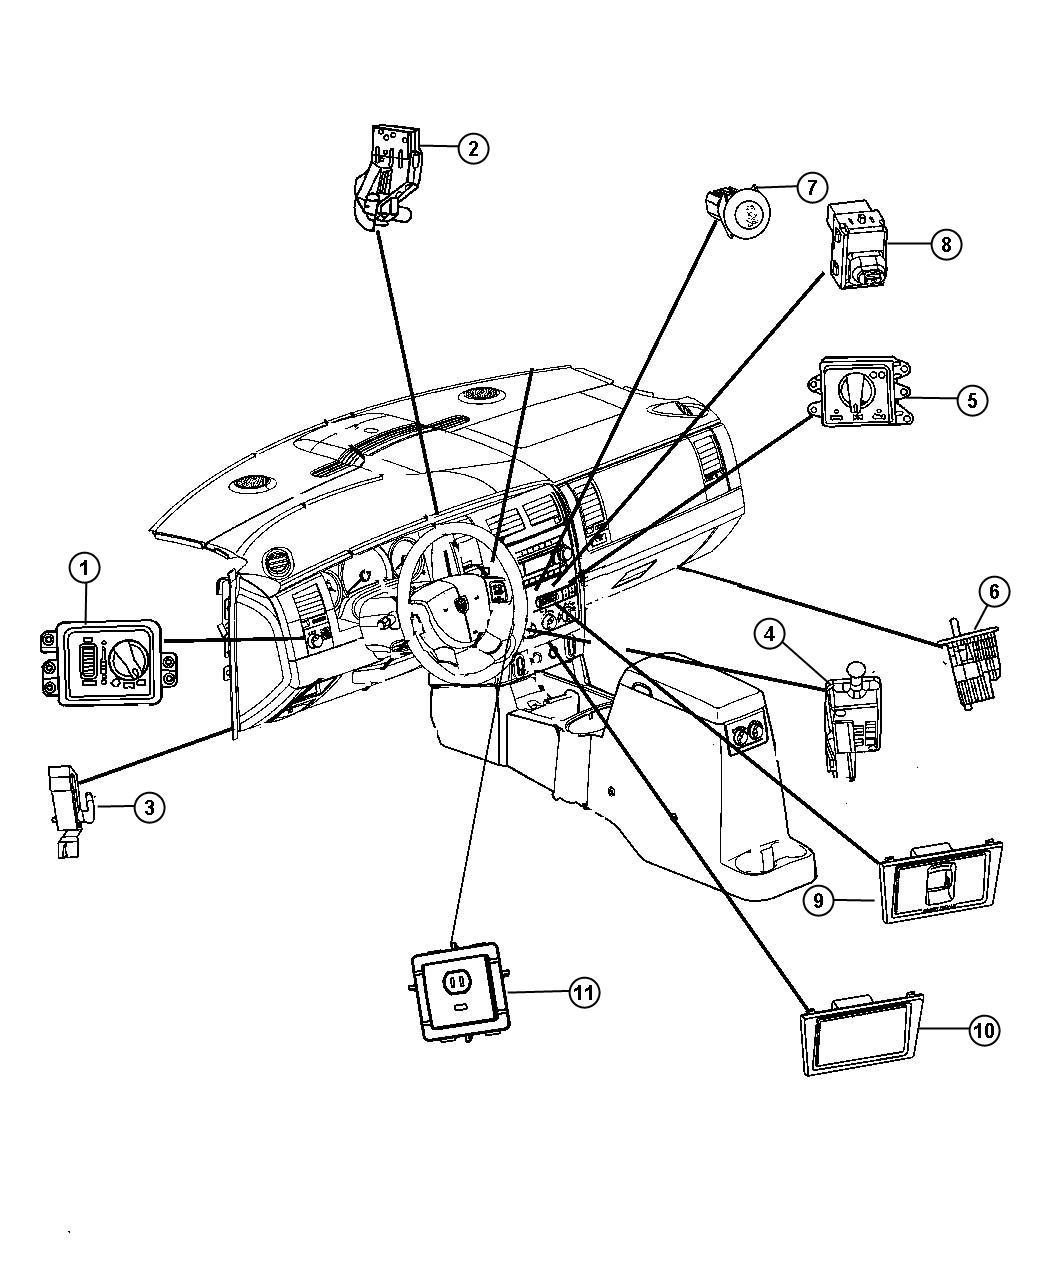 Arctic Cat 440 Jag Wiring Diagram Also Arctic Cat Tiger Shark Parts